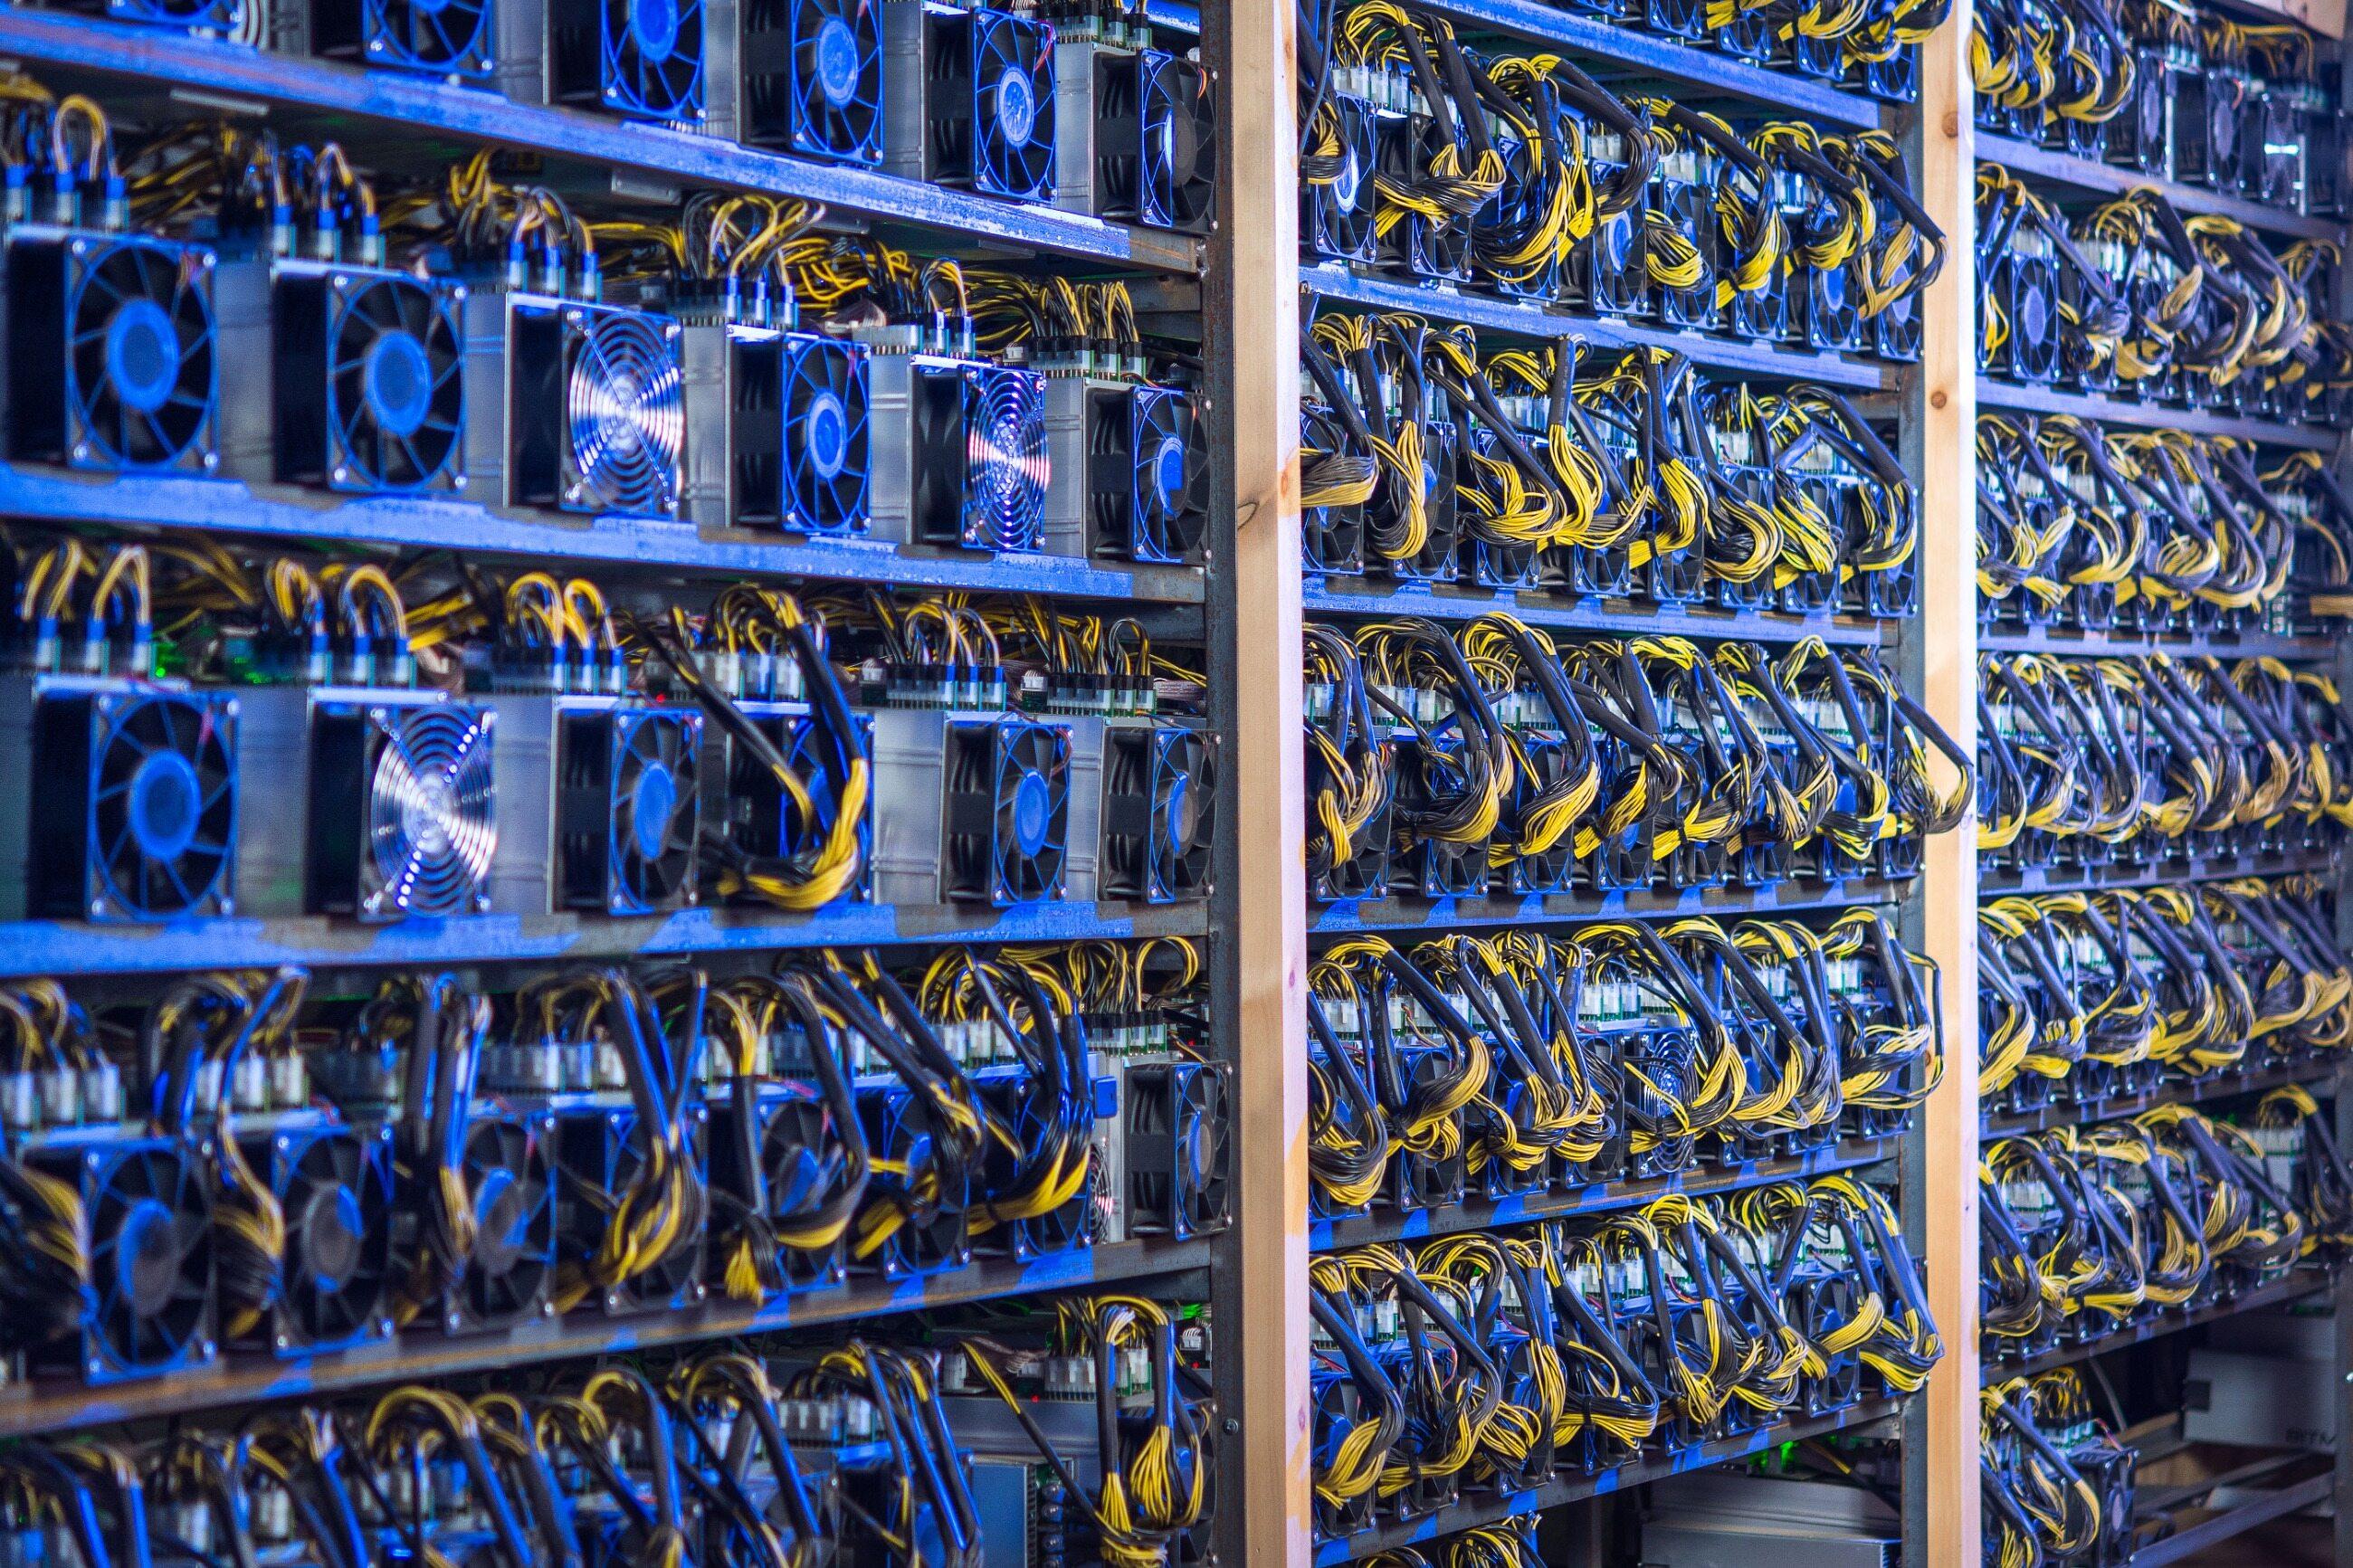 Amsterdame areštuotas islandas, siejamas su bitkoinų kasybai naudotų kompiuterių vagyste